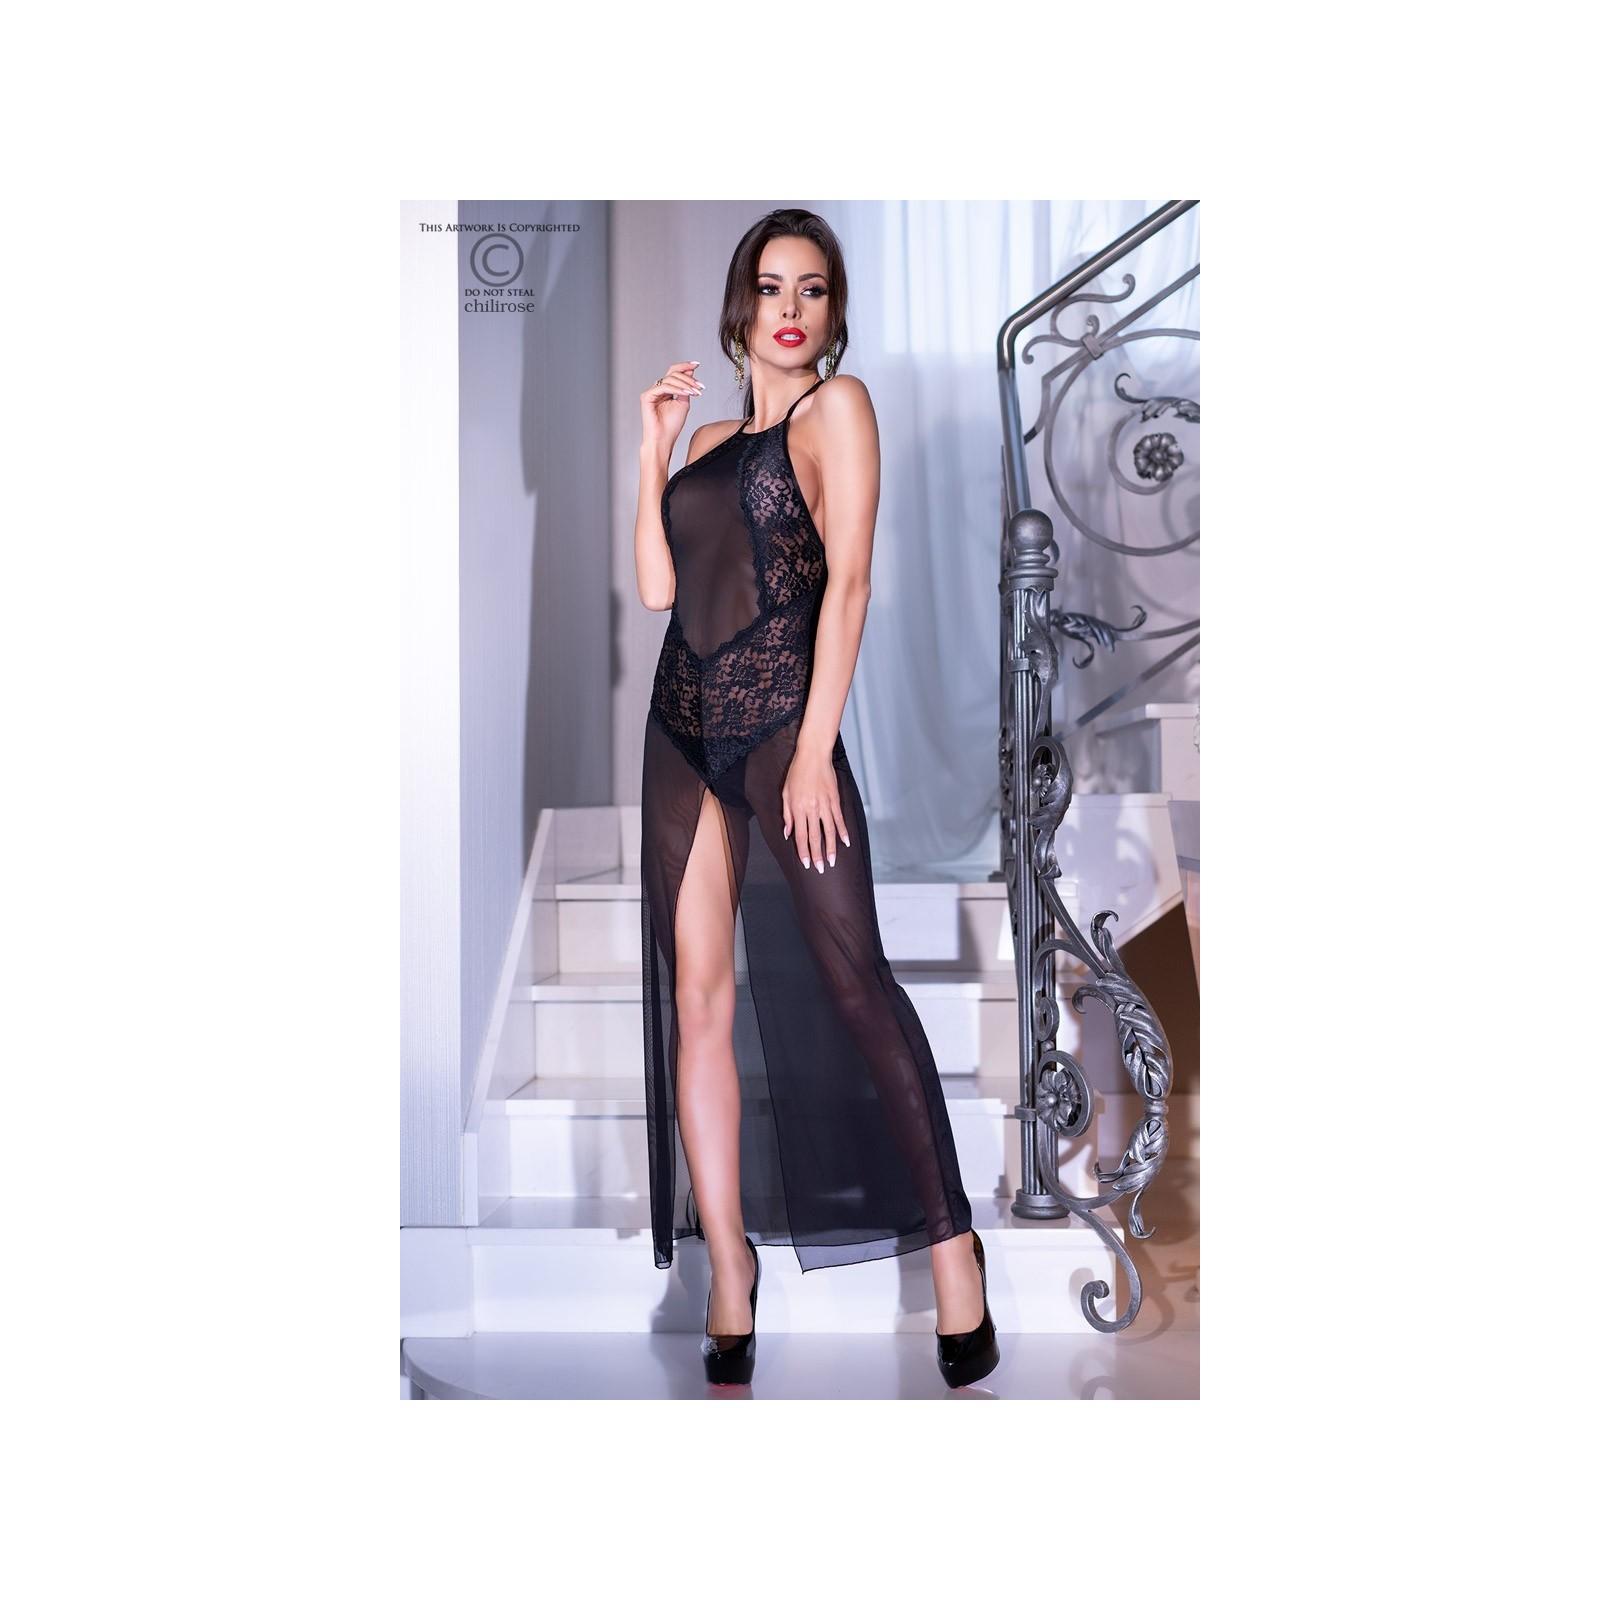 Langes Kleid CR4269 schwarz - 3 - Vorschaubild